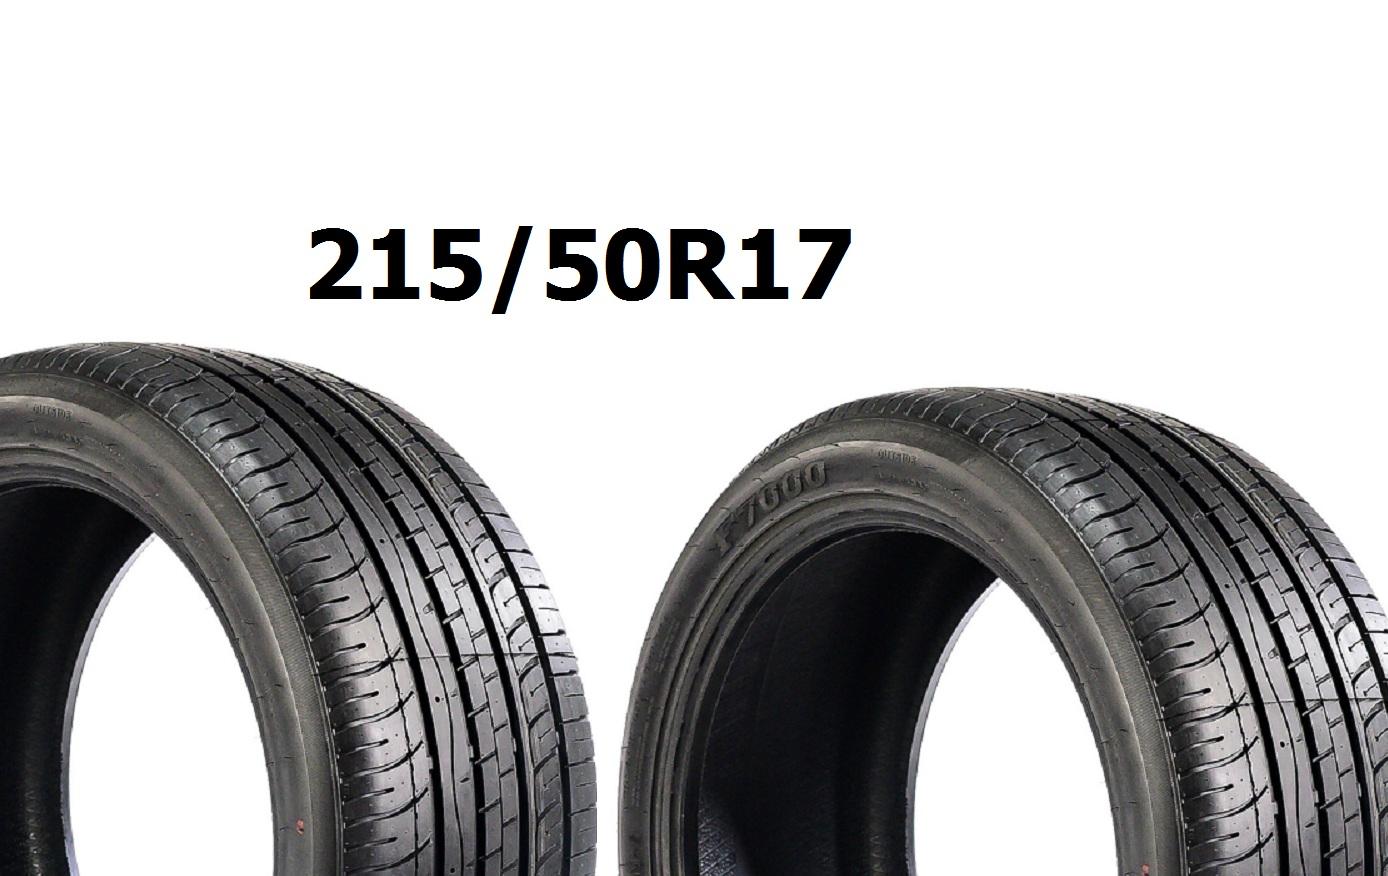 タイヤサイズ, 215/50R17, タイヤ